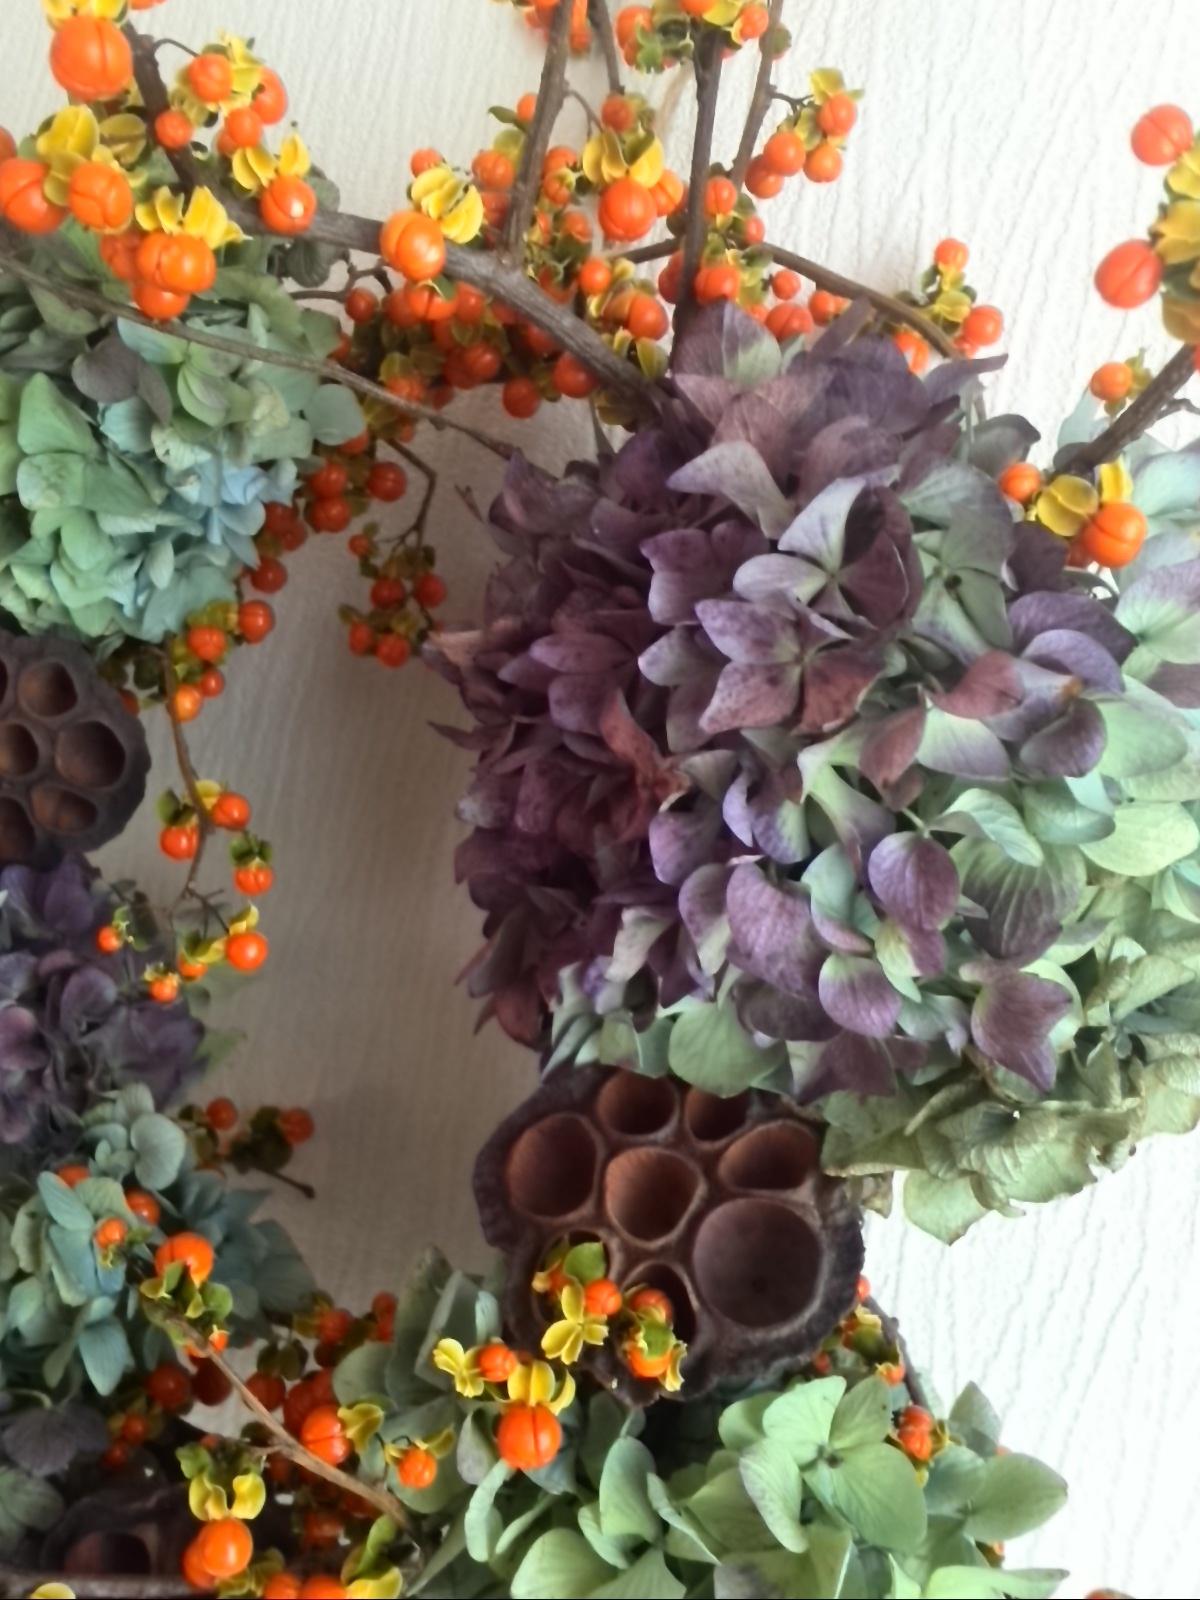 楽しくって美しくって感動! 初めて作った生花のリース♡_f0340942_21503475.jpg